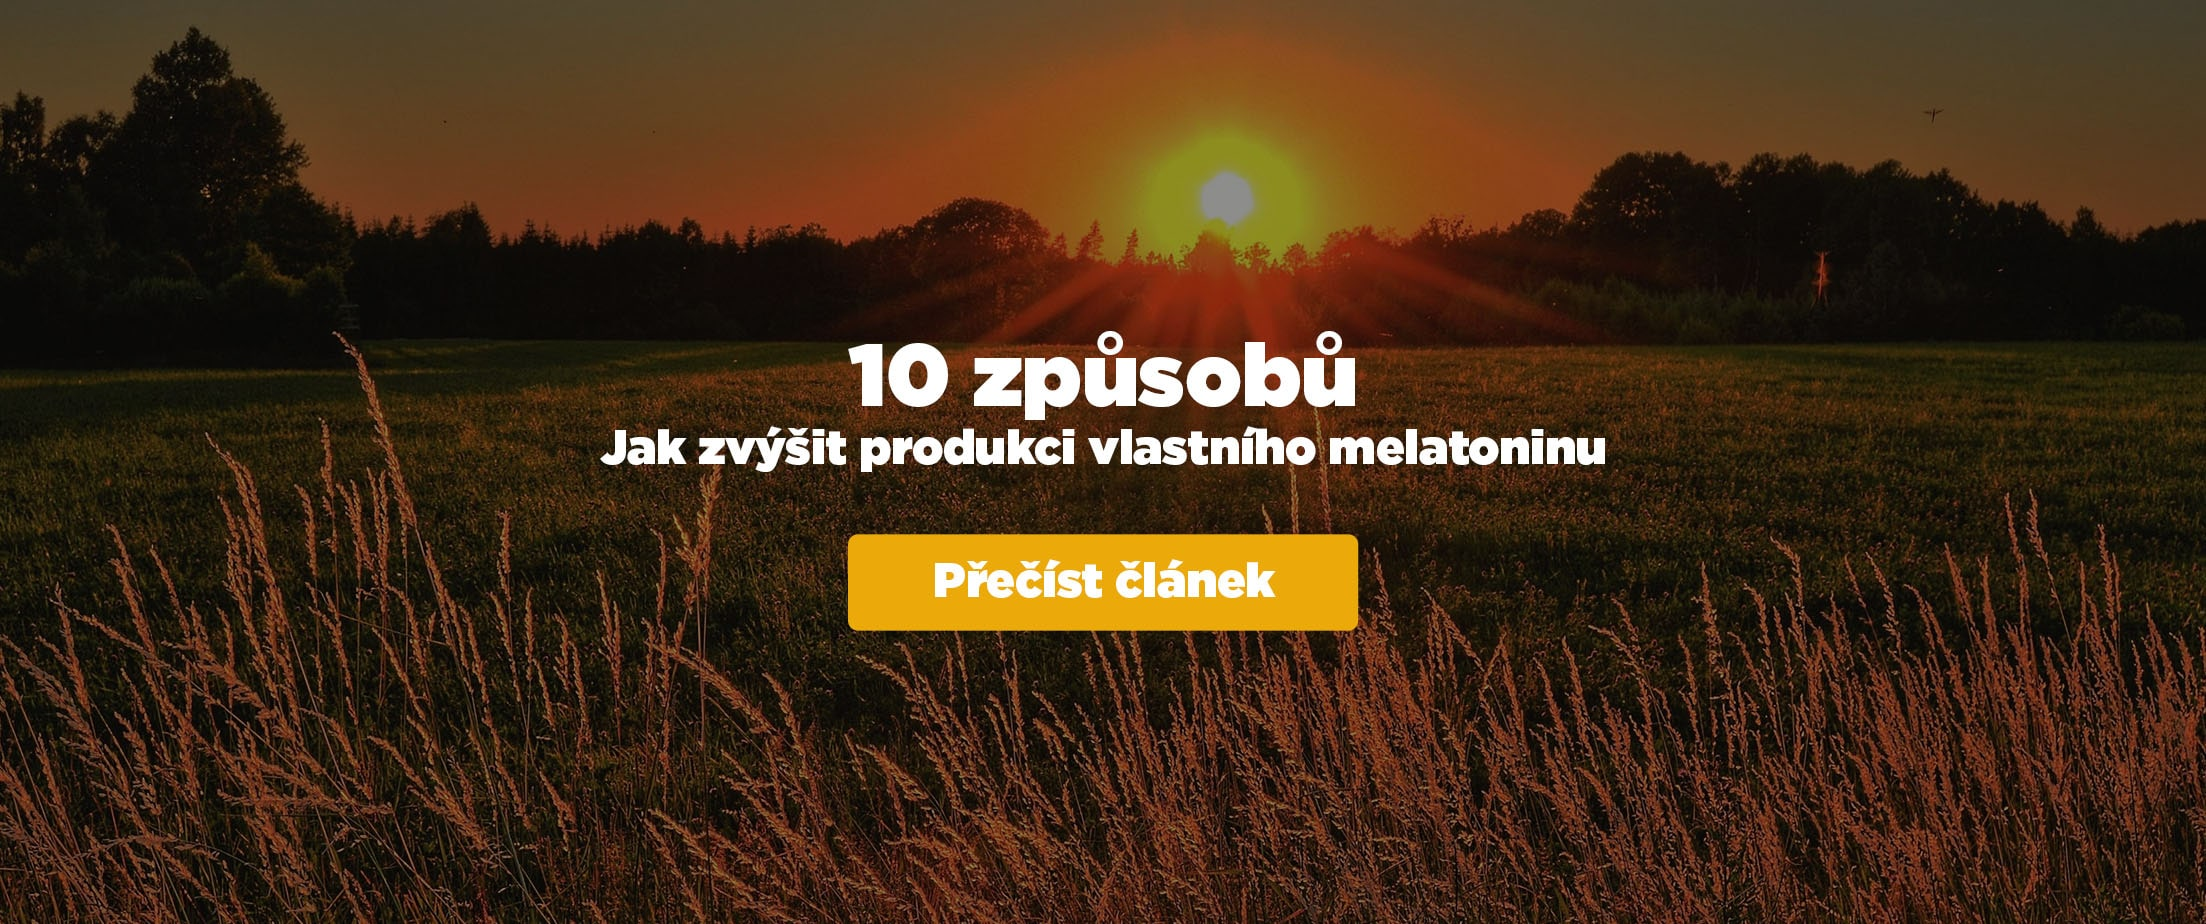 10 zpusobu melatonin